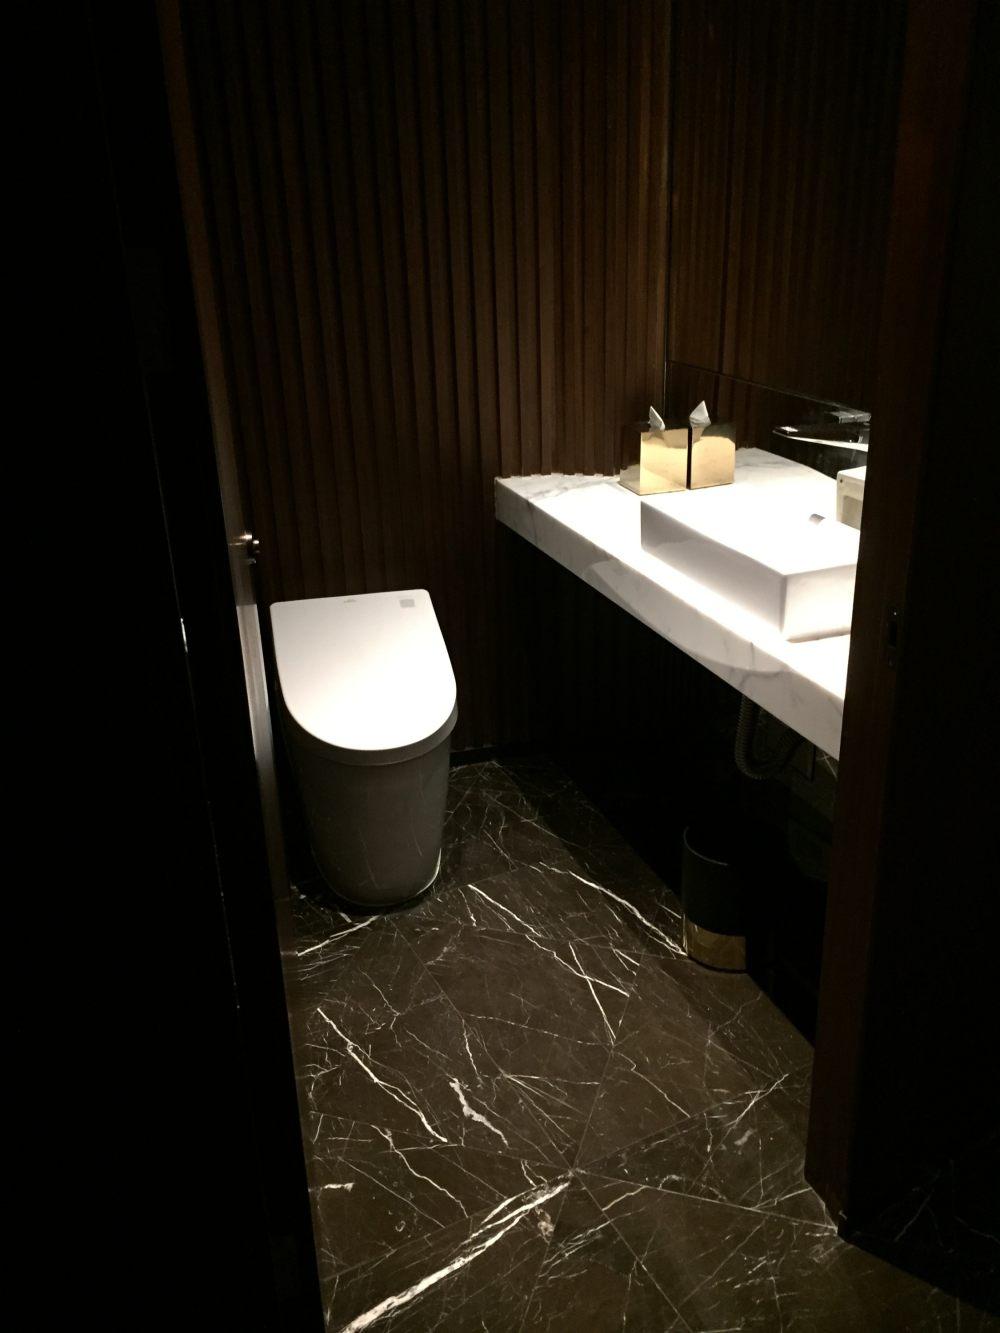 上海外滩W酒店,史上最全入住体验 自拍分享,申请置...._IMG_6070.JPG